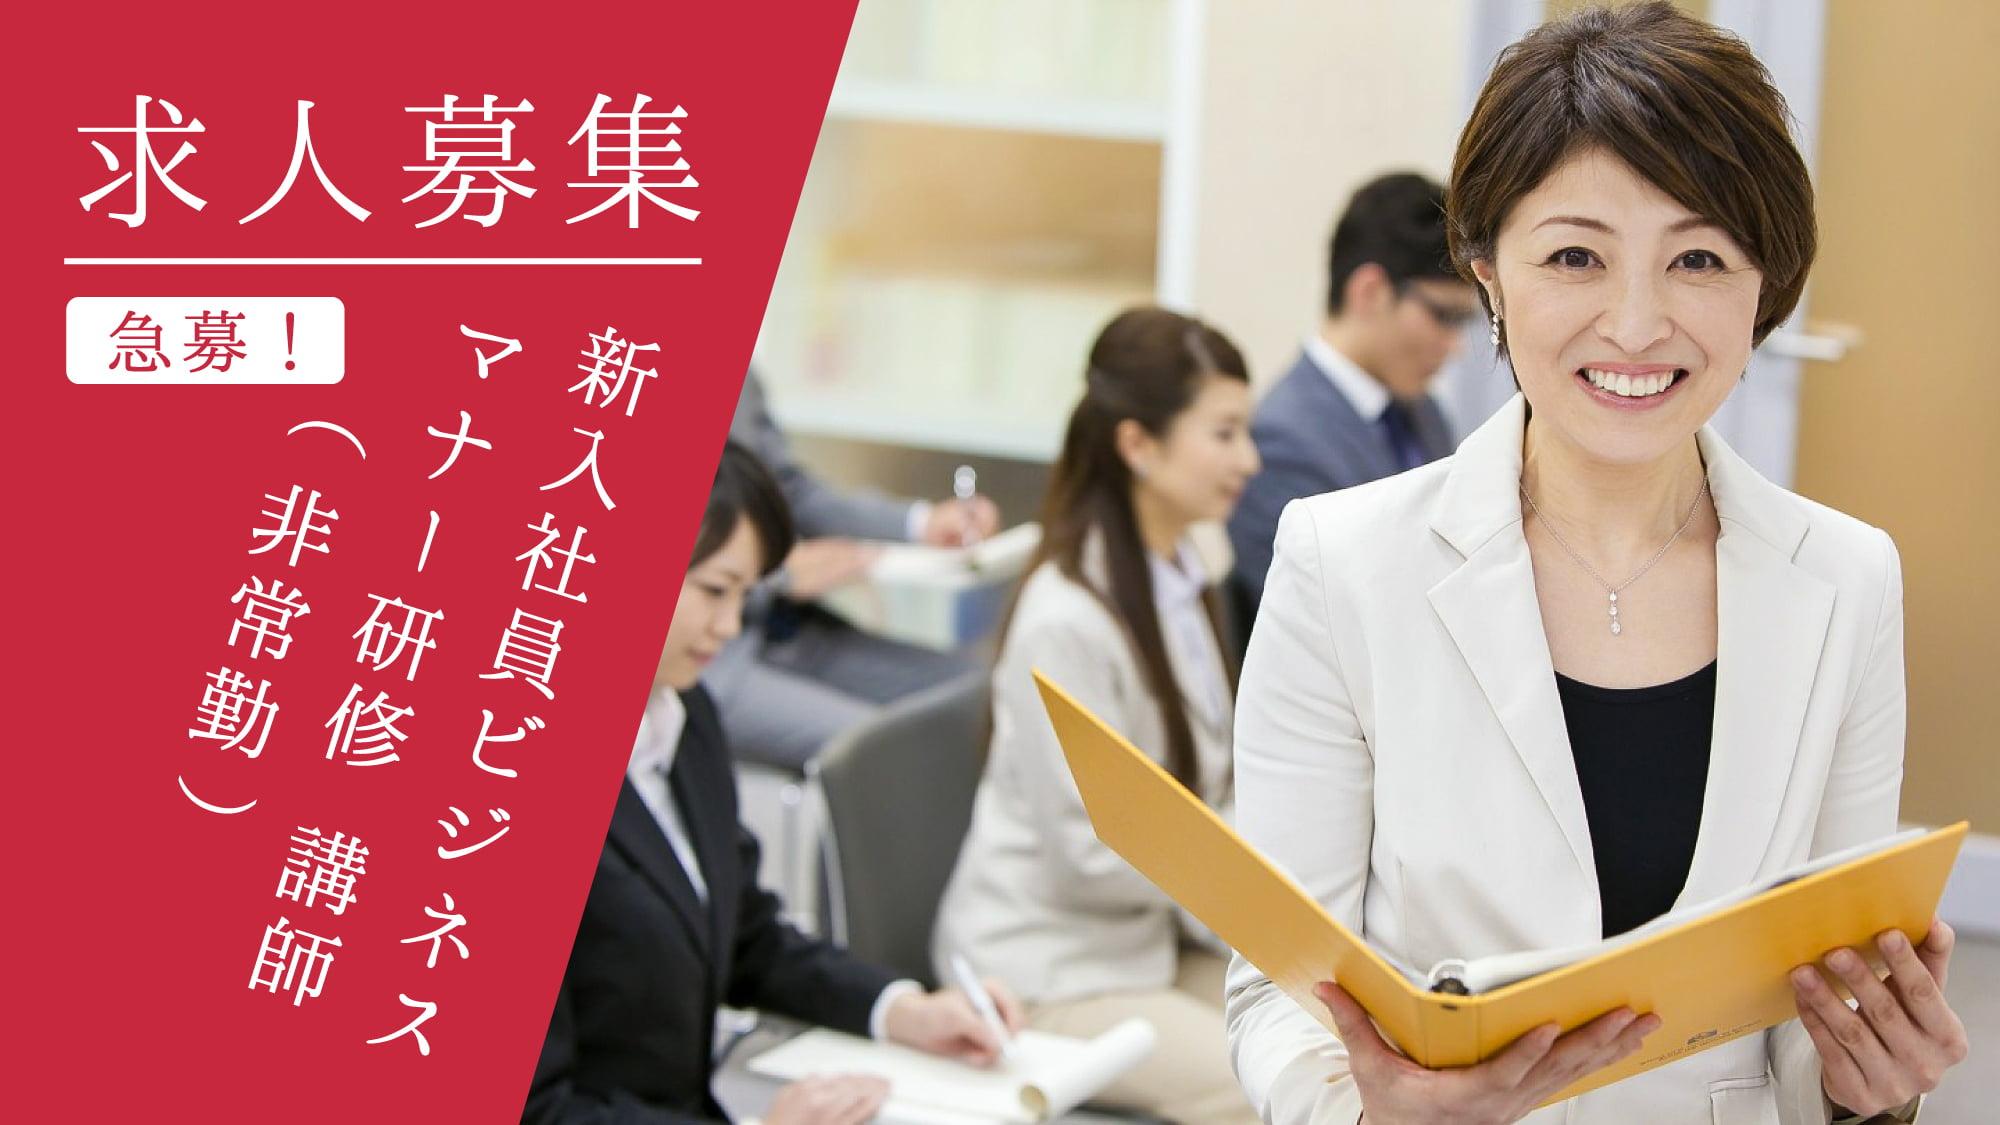 急募!新入社員ビジネスマナー研修講師募集